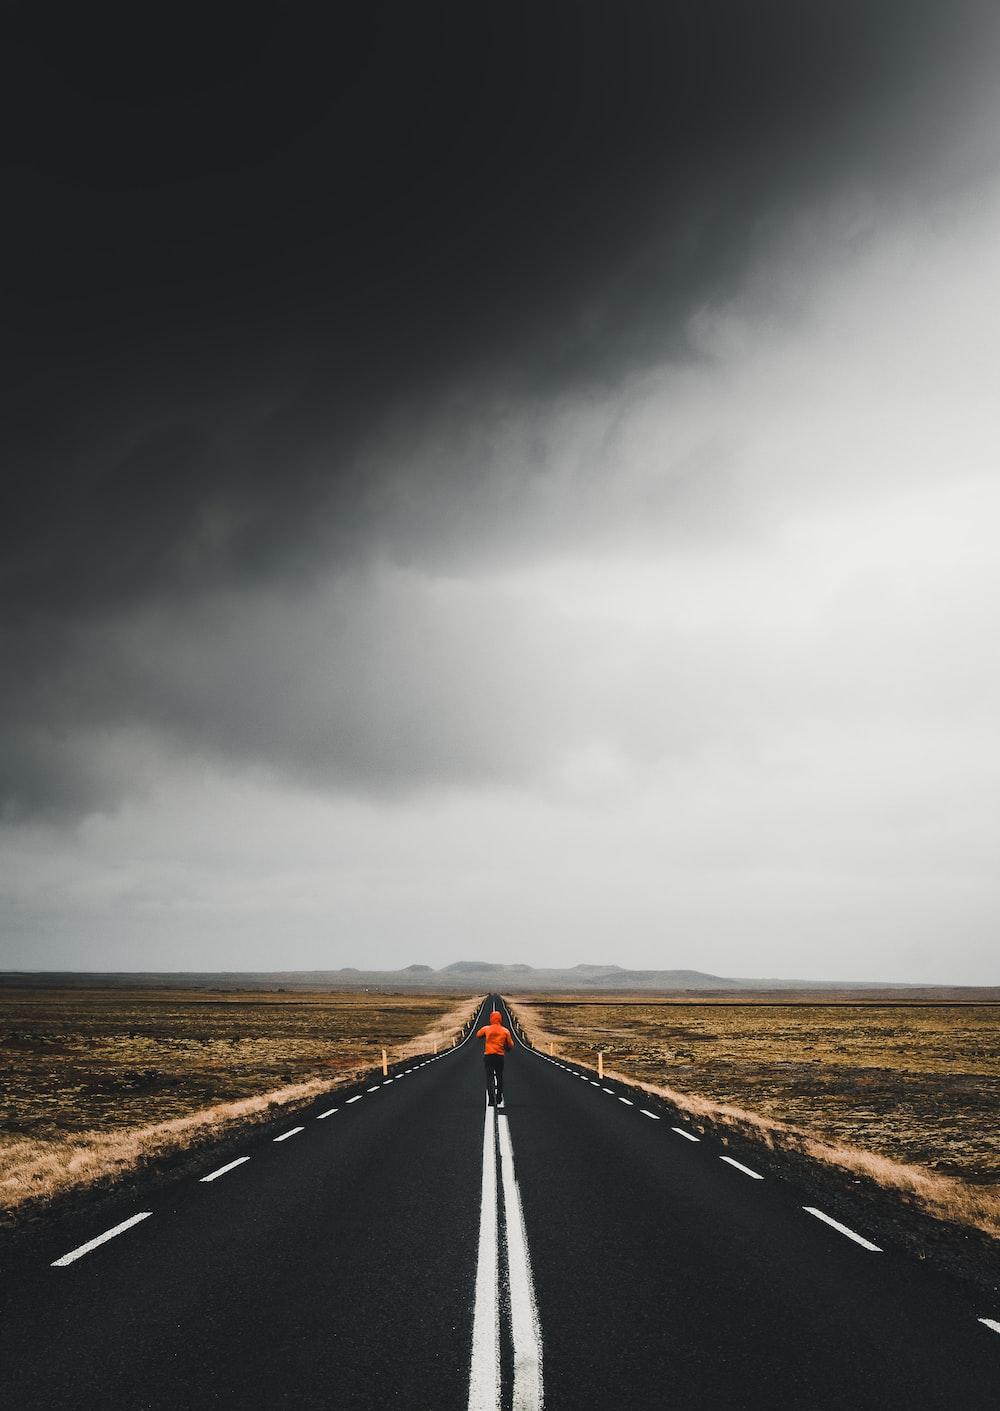 man under blacktop road under cloudy skies